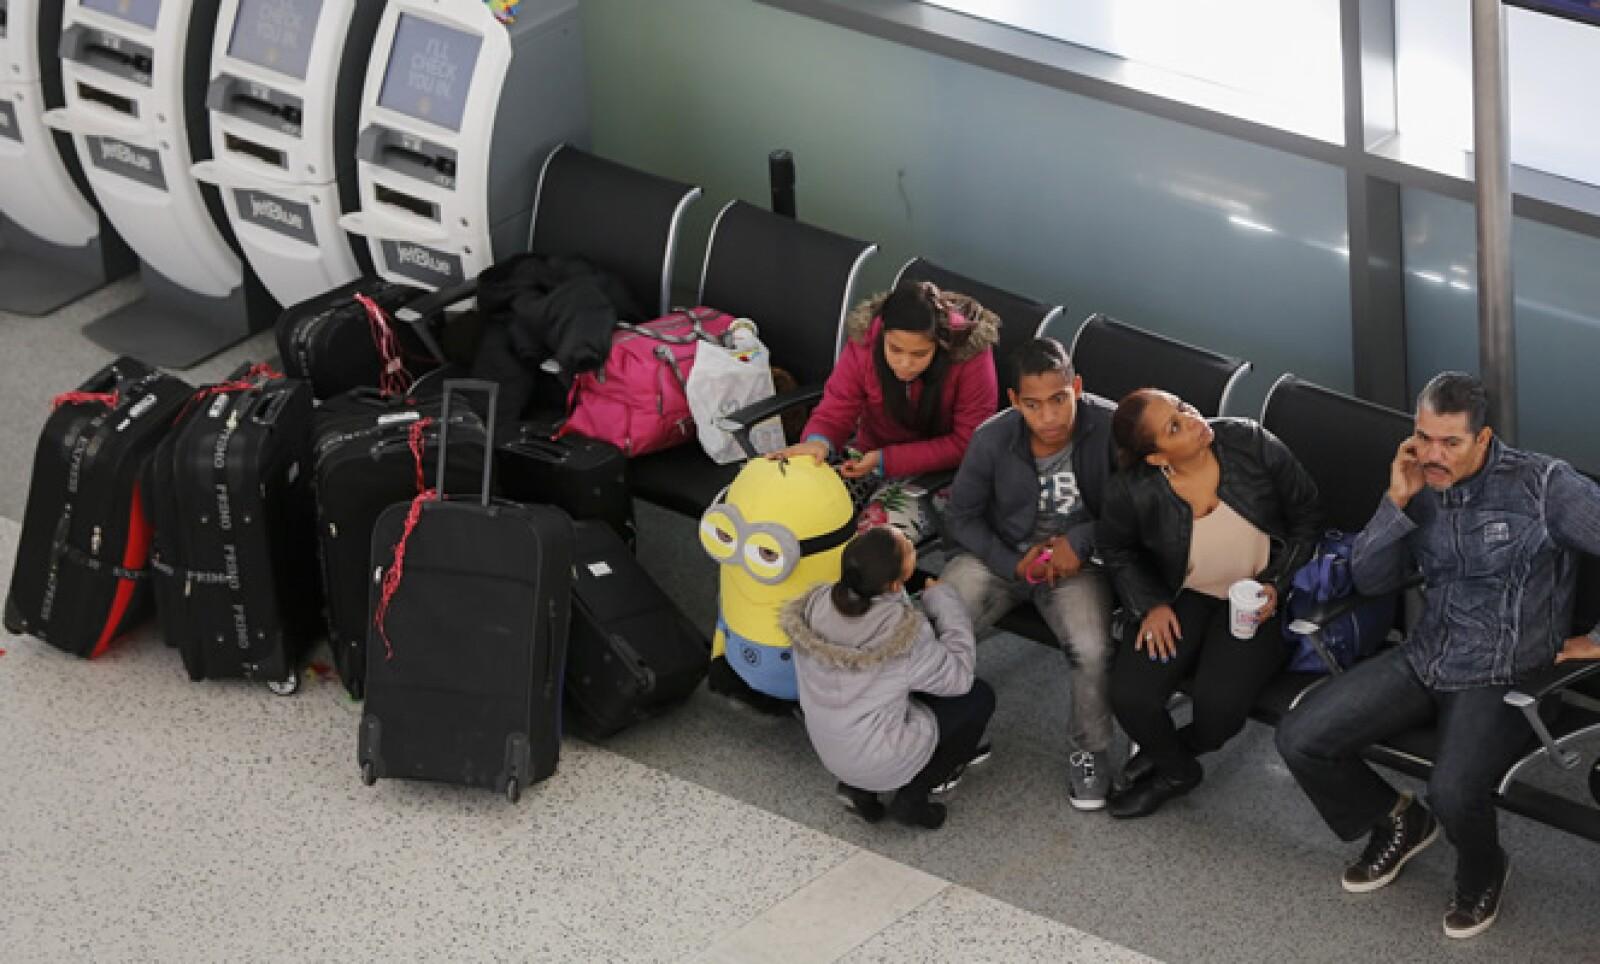 Unos 4,392 vuelos fueron cancelados y otros 3.577 demorados, de acuerdo a FlightAware.com, que informa sobre la actividad de las aerolíneas.